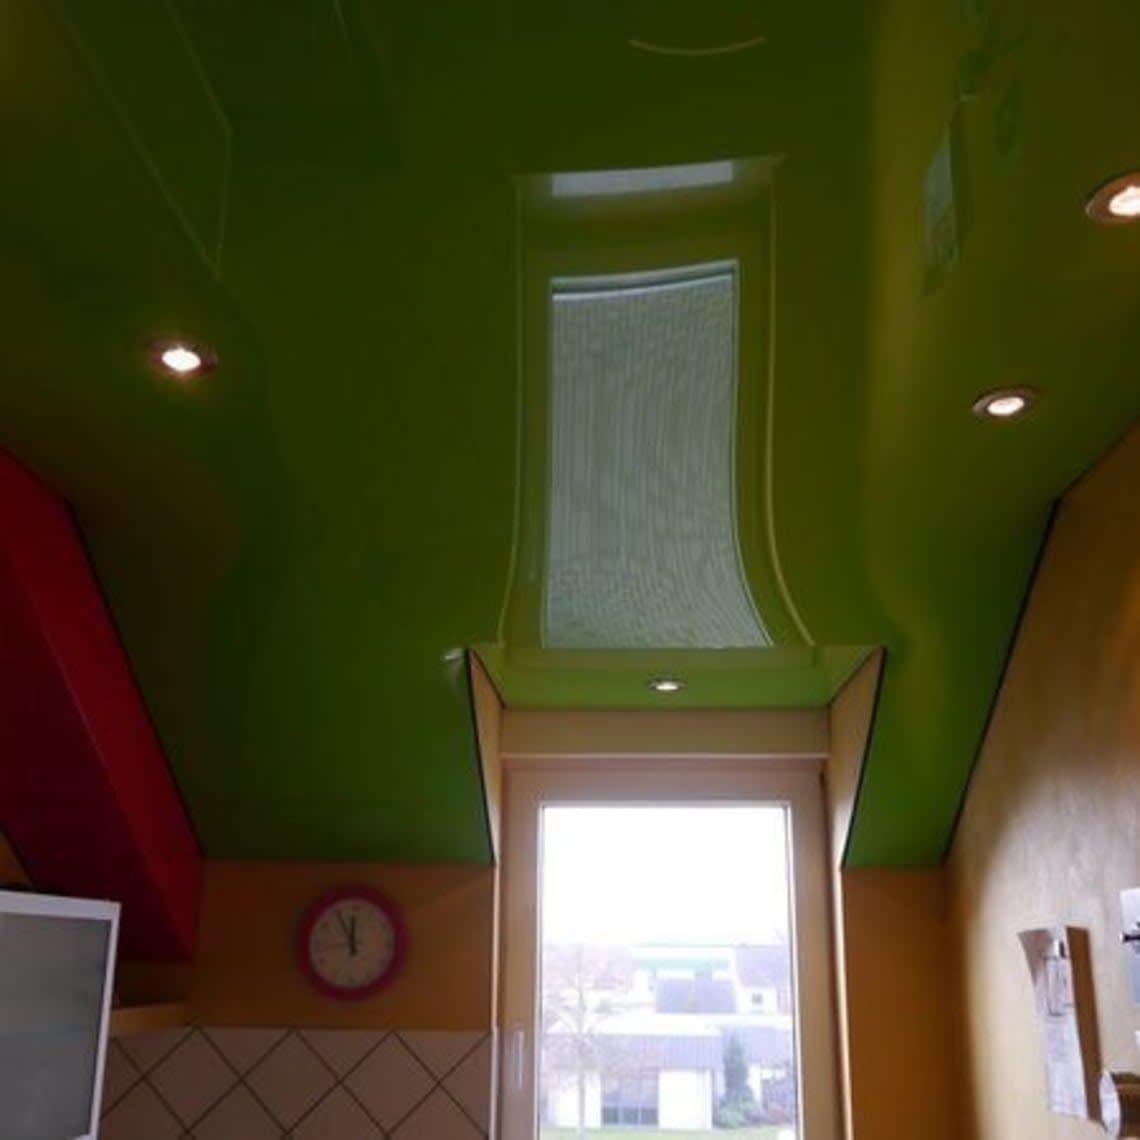 Grüne Lichtdecke spiegelt Fenster